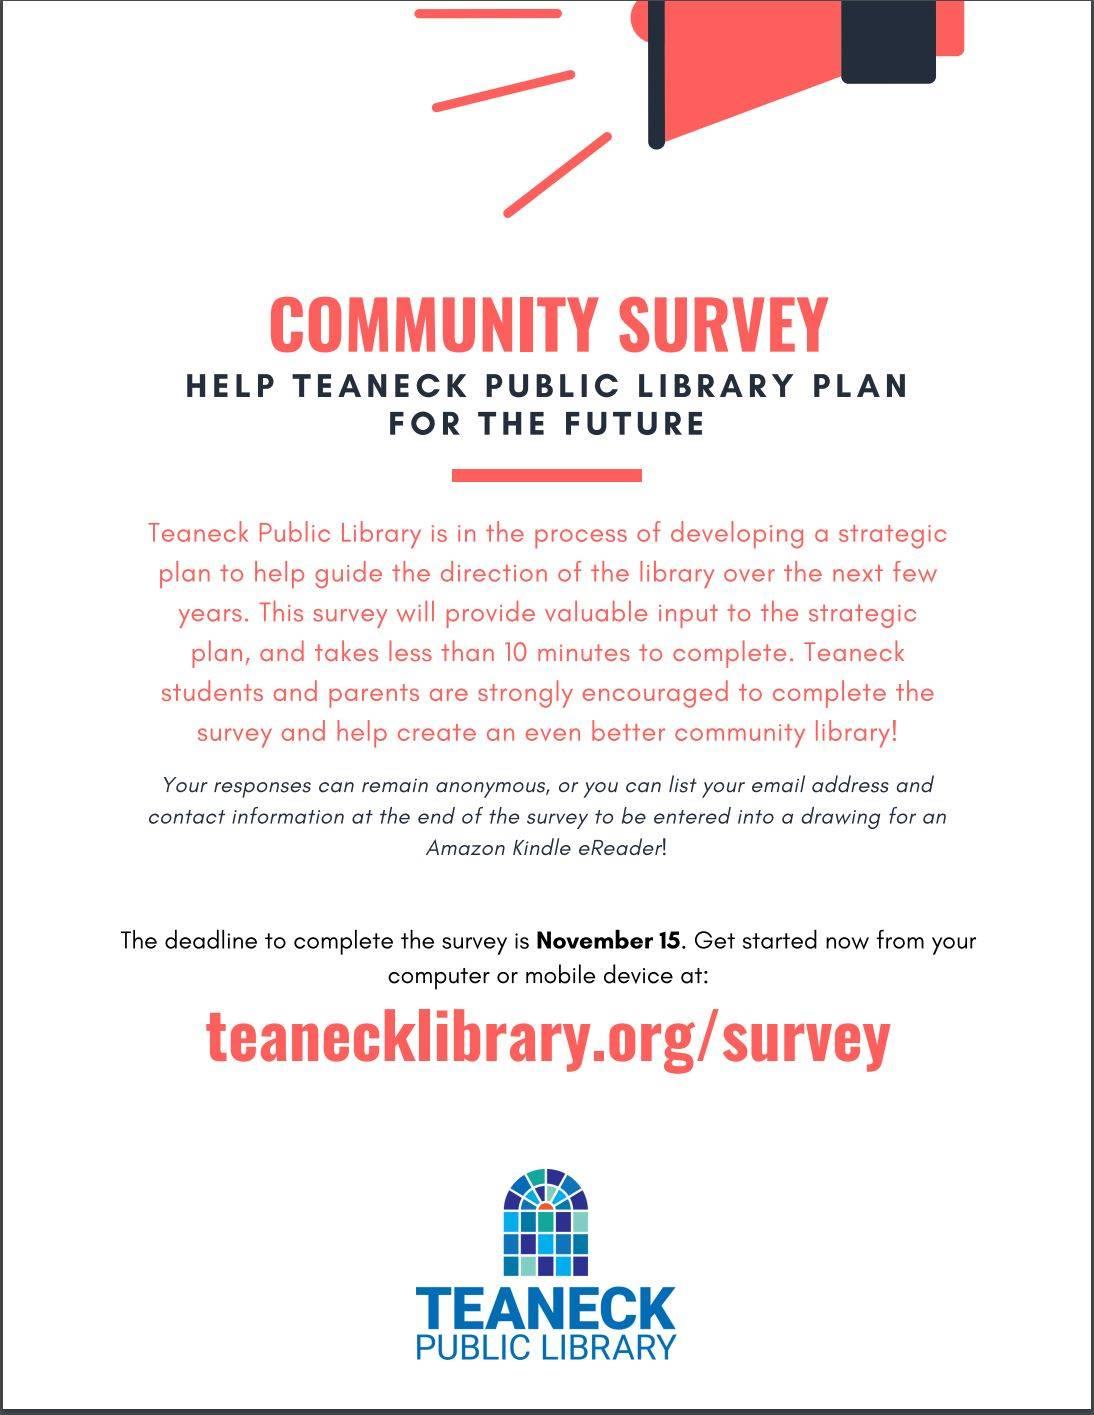 Teaneck Public Library Community Survey